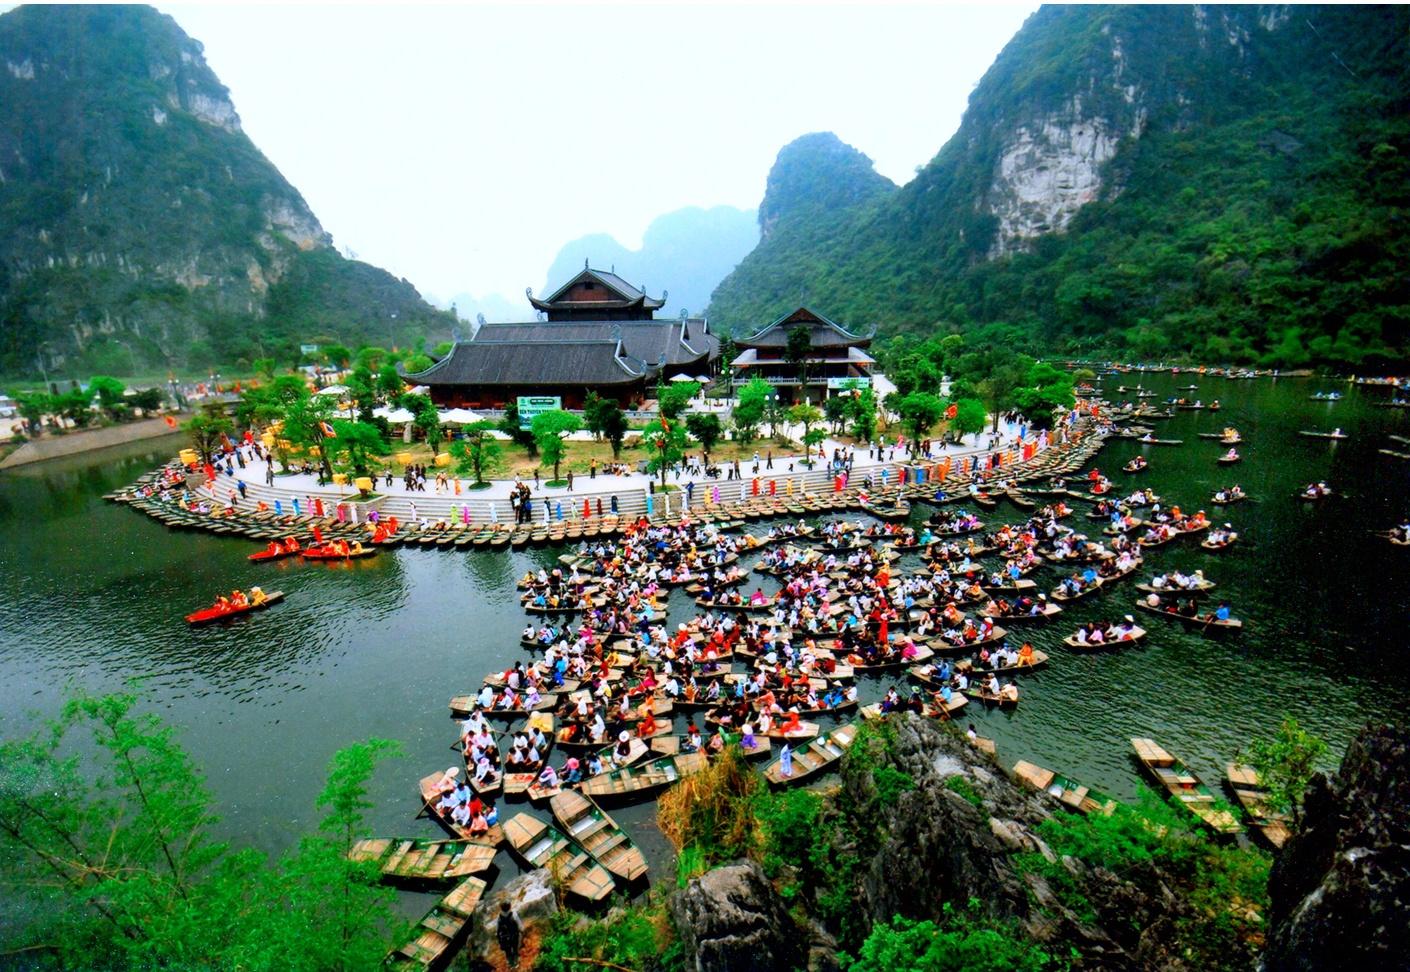 Gắn kết chặt chẽ bảo tồn, phát huy di sản với phát triển du lịch